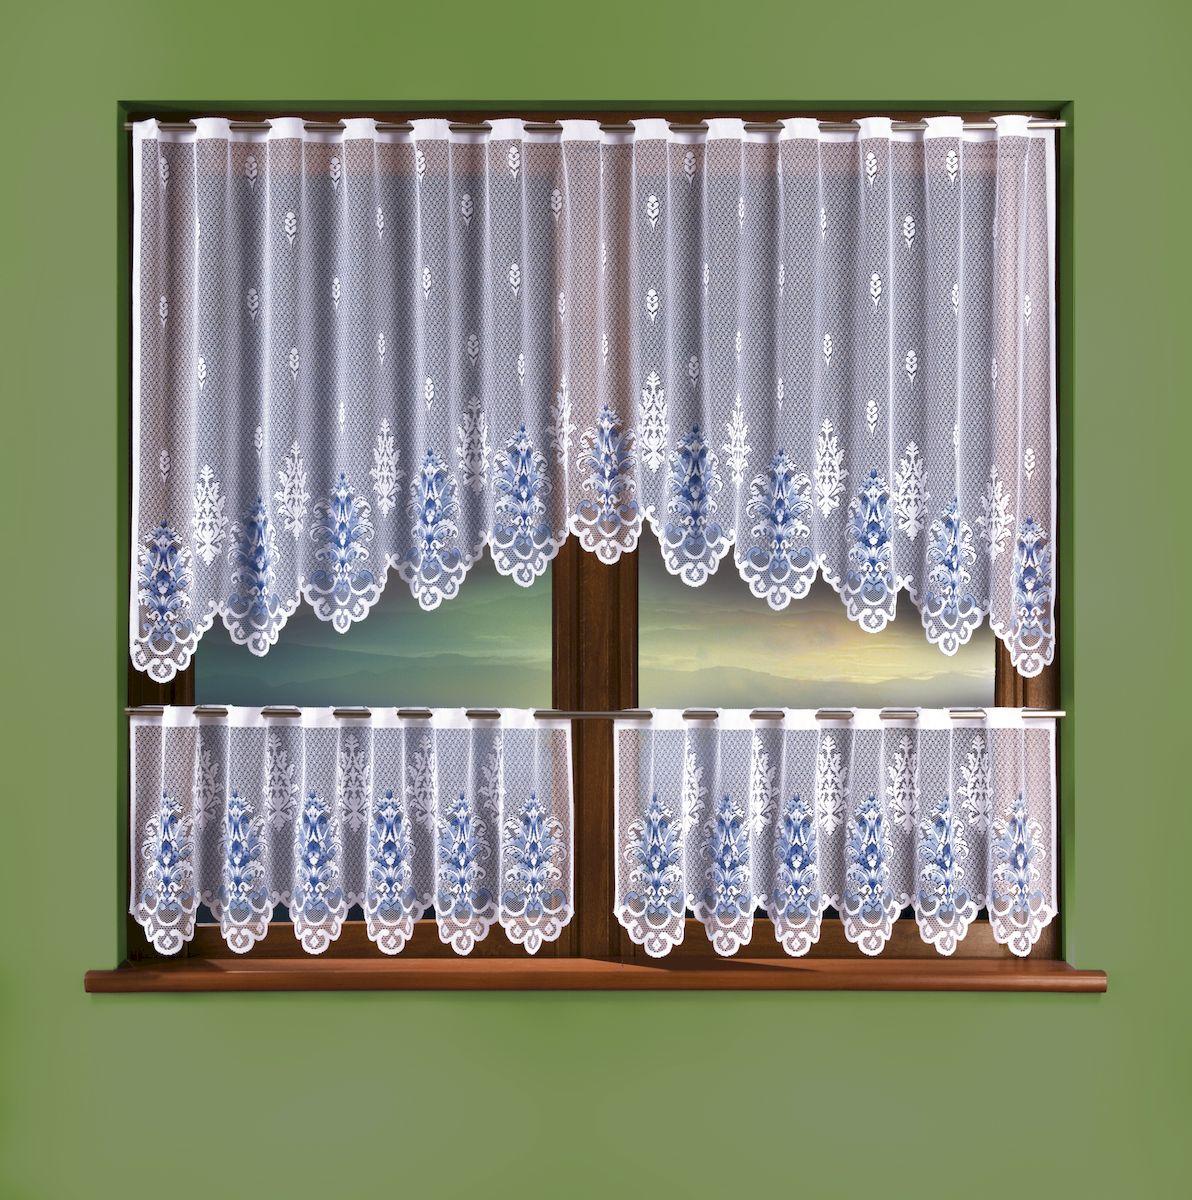 Комплект штор для кухни Wisan, цвет: белый, высота 15 см, 100 см. 332498299571Комплект для кухни: высота 100х ширина 250 + высота 45х ширина 125 2 штуки, крепление на штангу.Размер: высота 100 x ширина 250 + (высота 45 x ширина 125) x 2